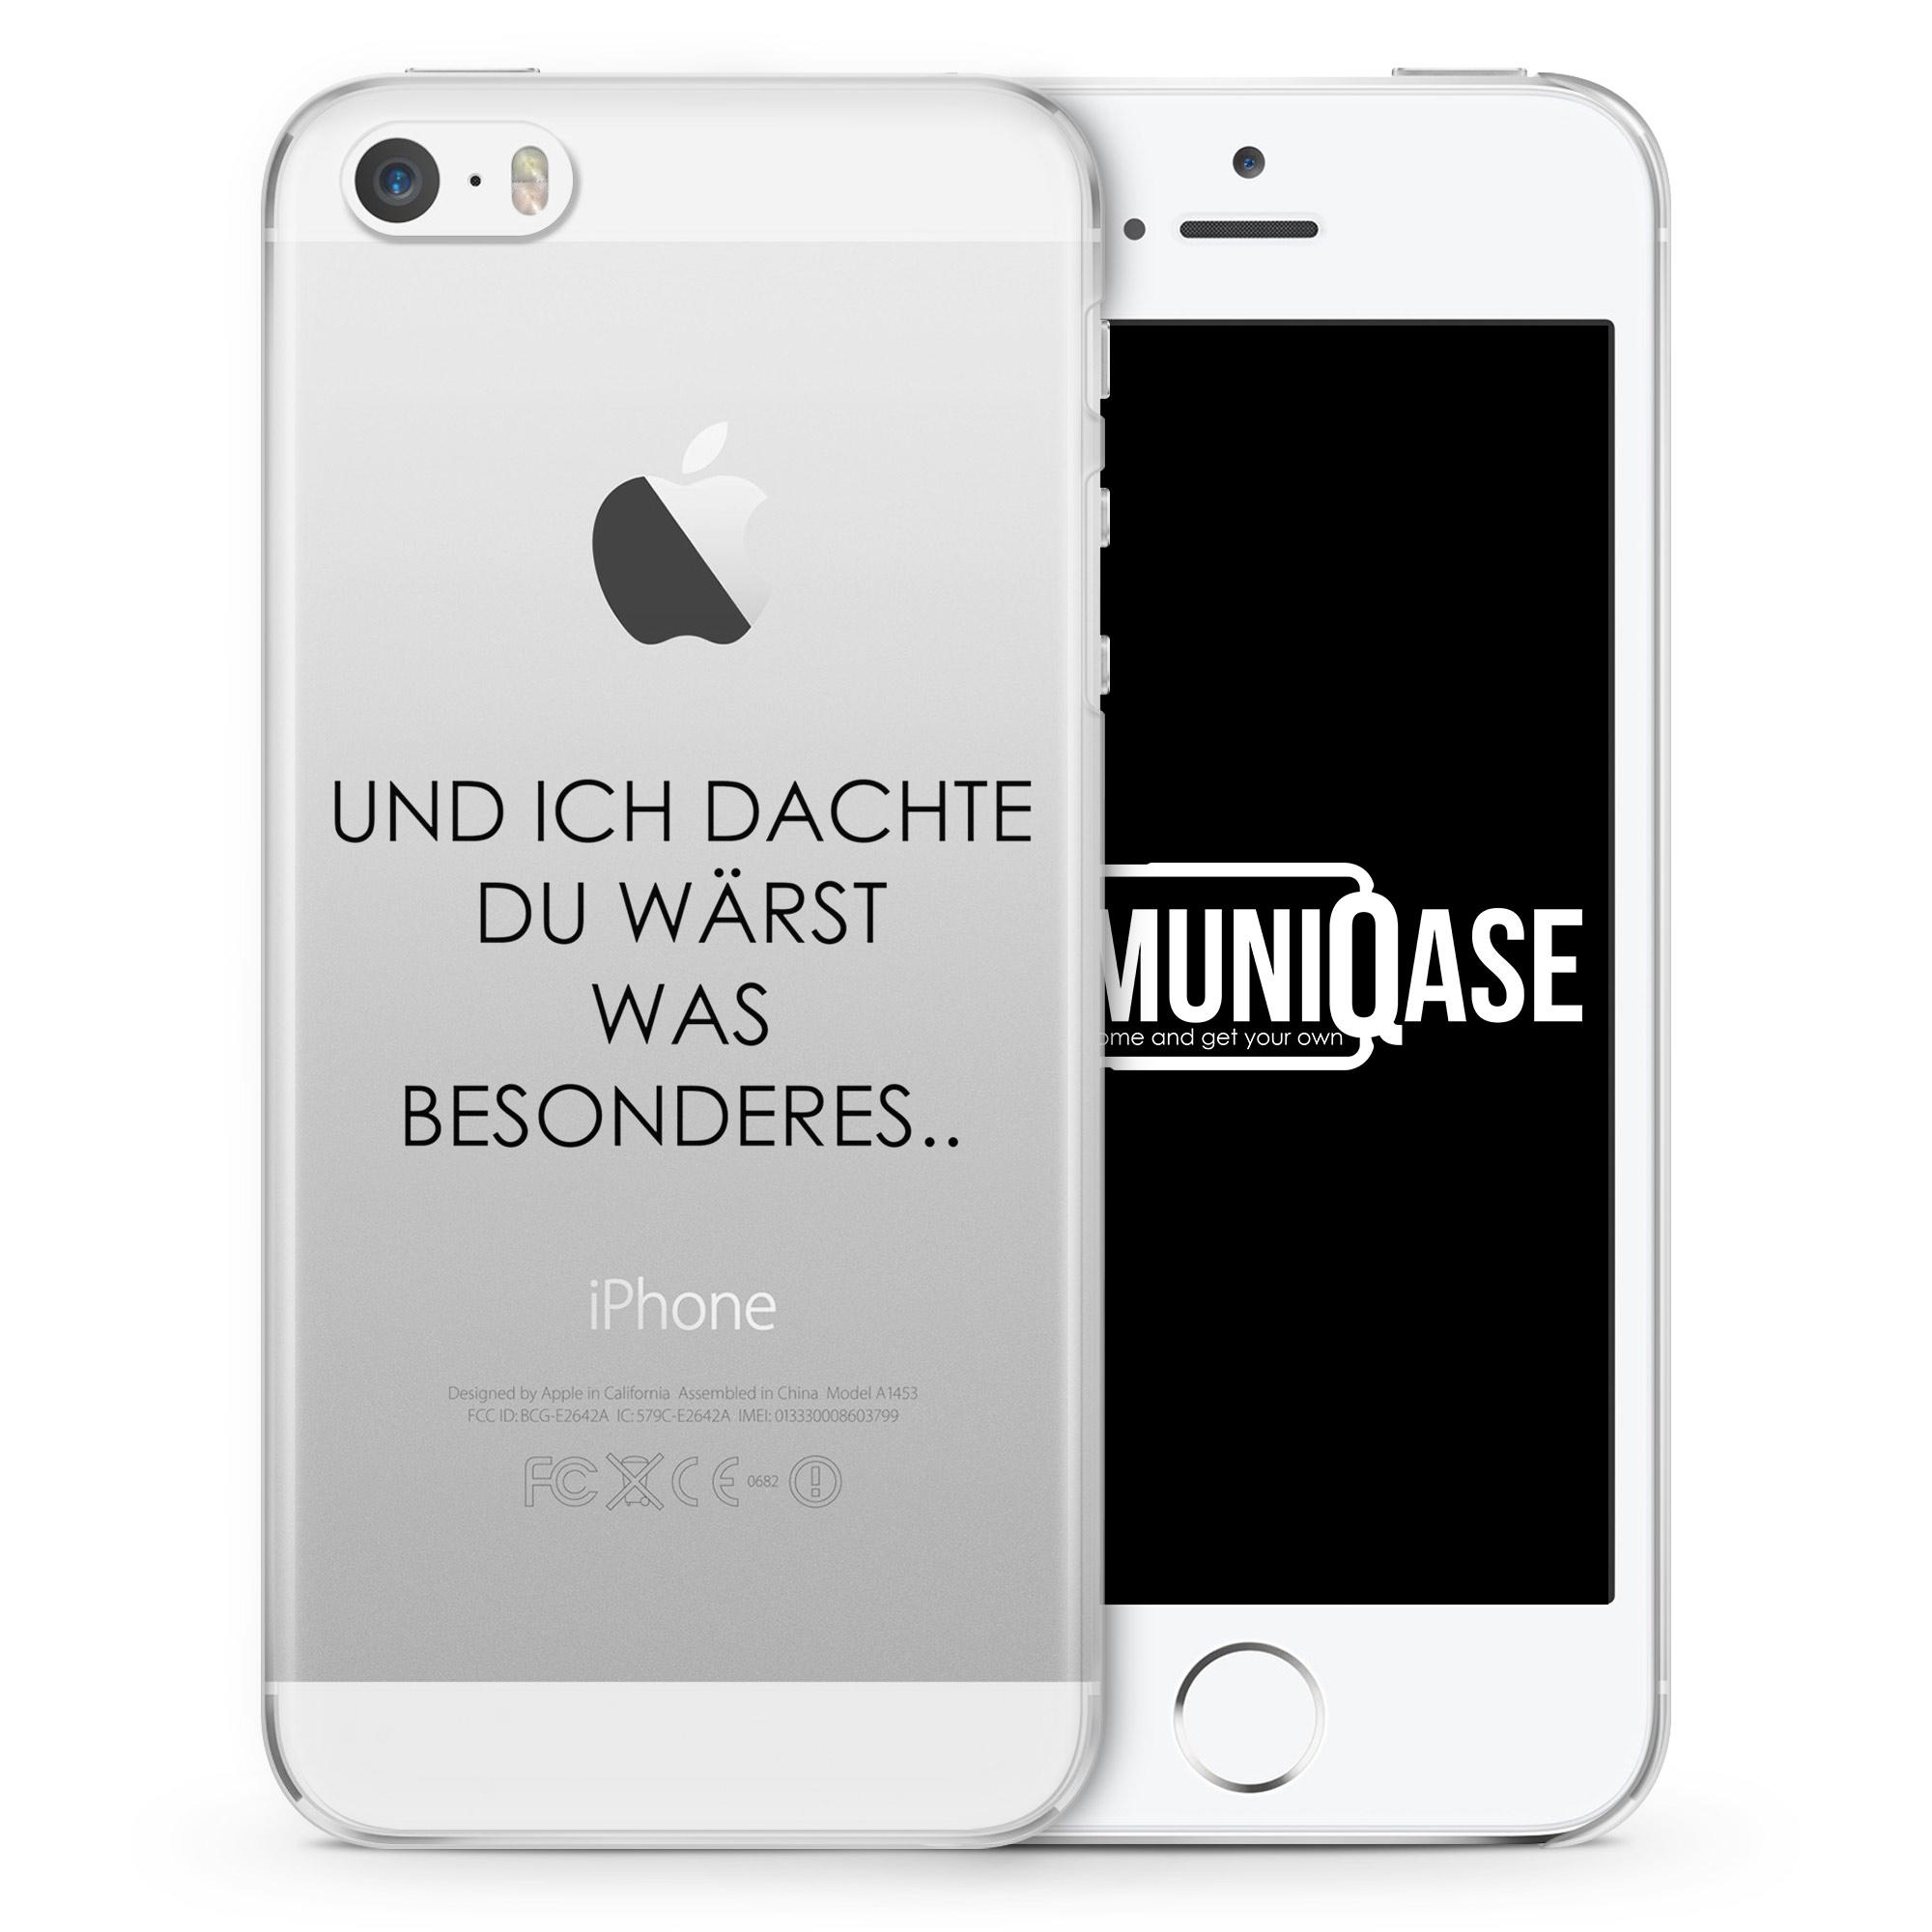 Und ich dachte du wärst was besonderes - transparente Handyhülle für iPhone SE